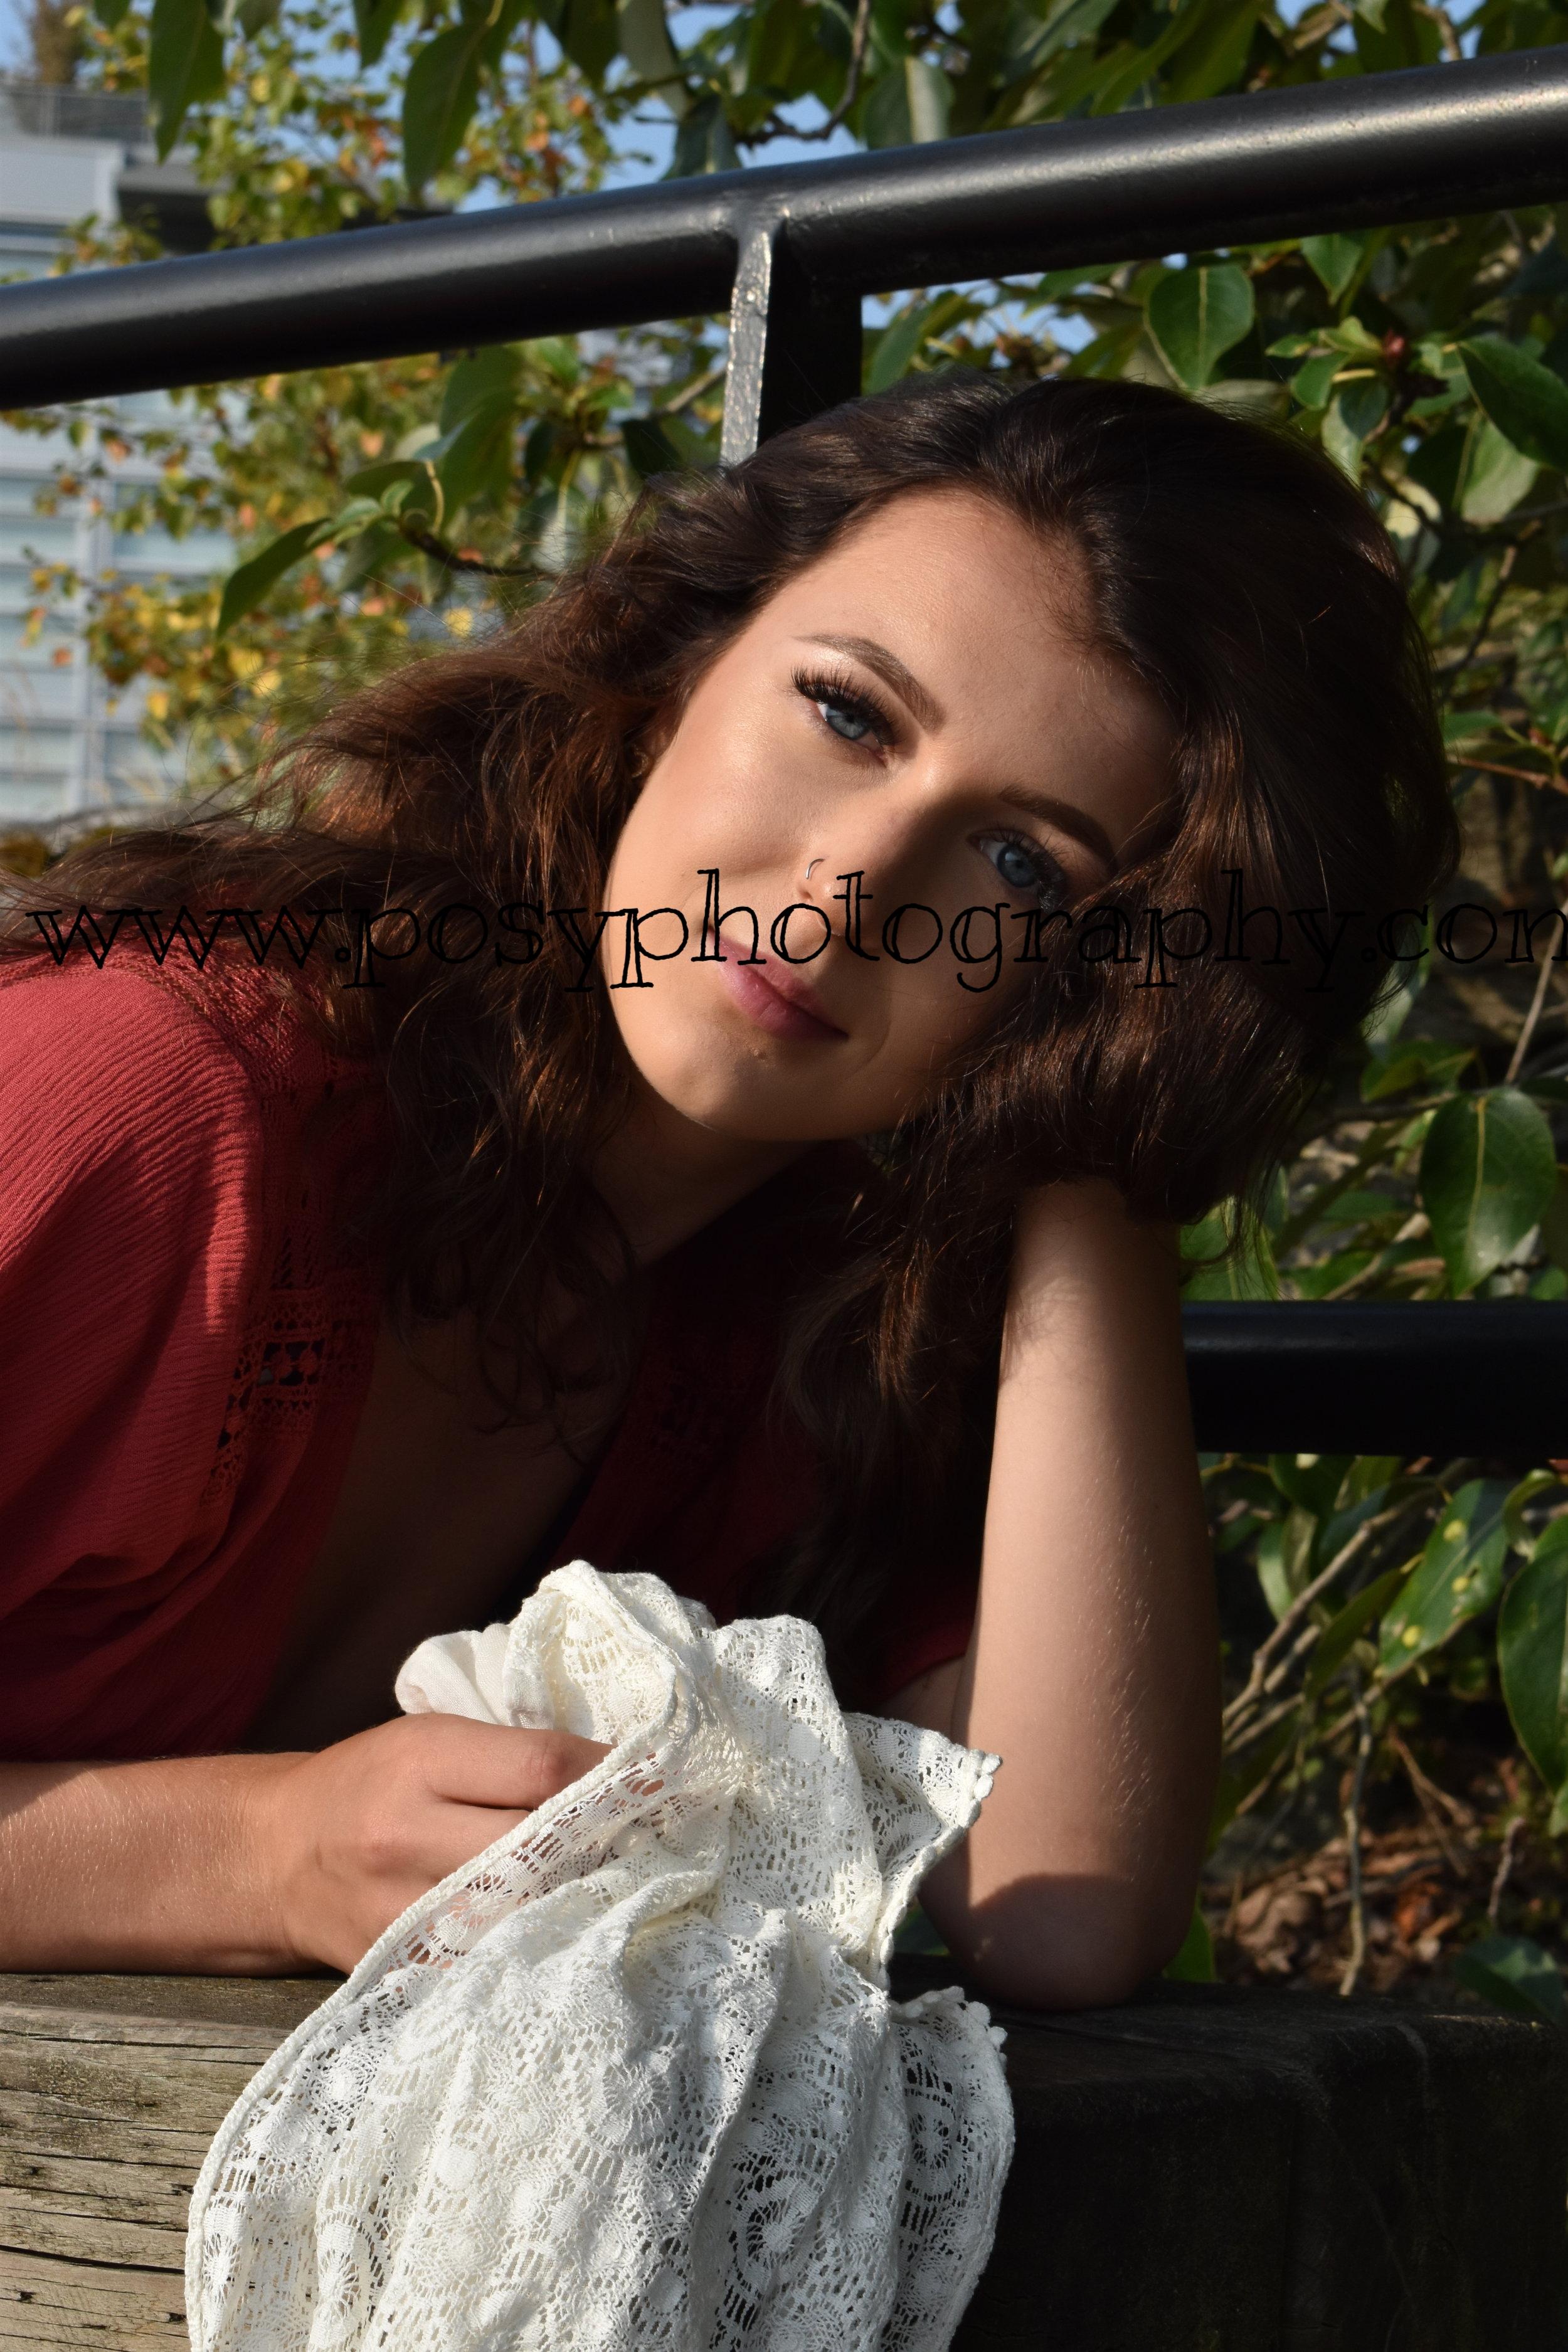 Beauty Portrait - Victoria, BC